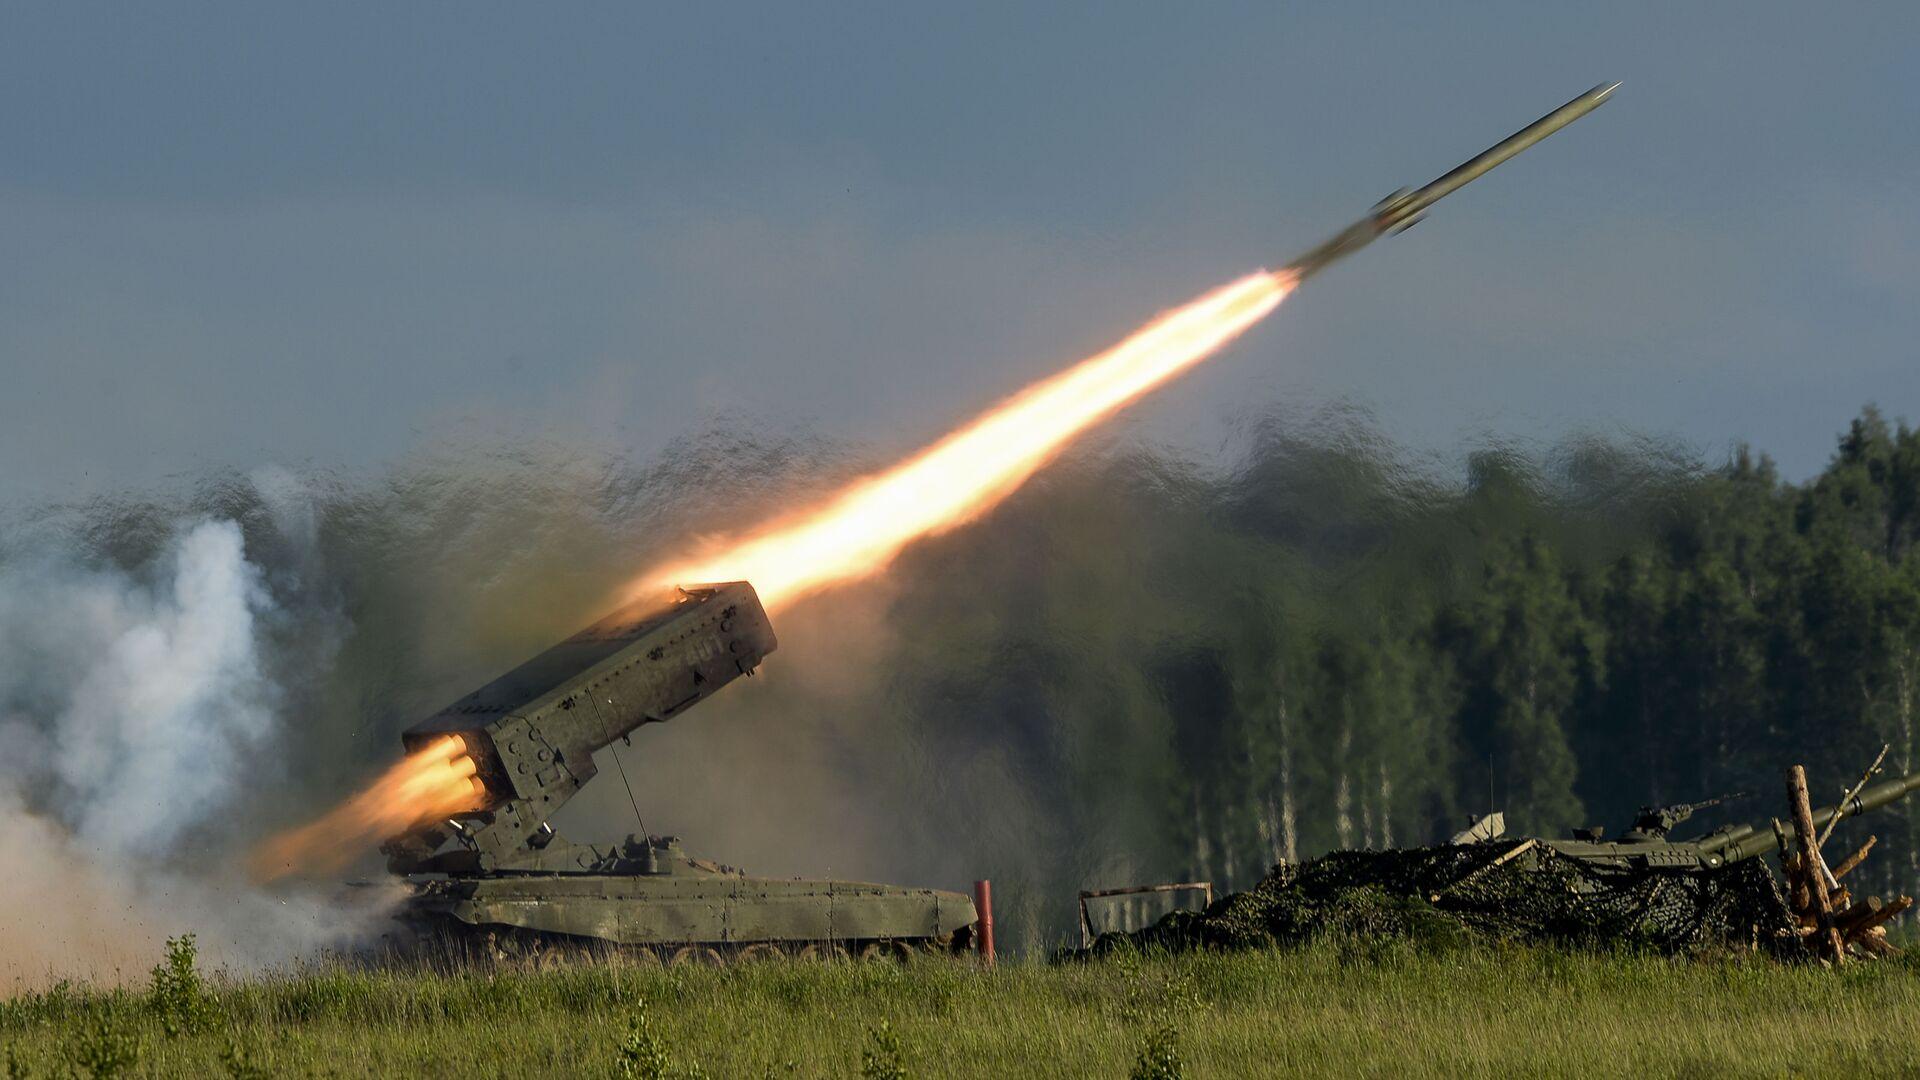 Il lancio del razzo russo durante delle esercitazioni - Sputnik Italia, 1920, 21.05.2021